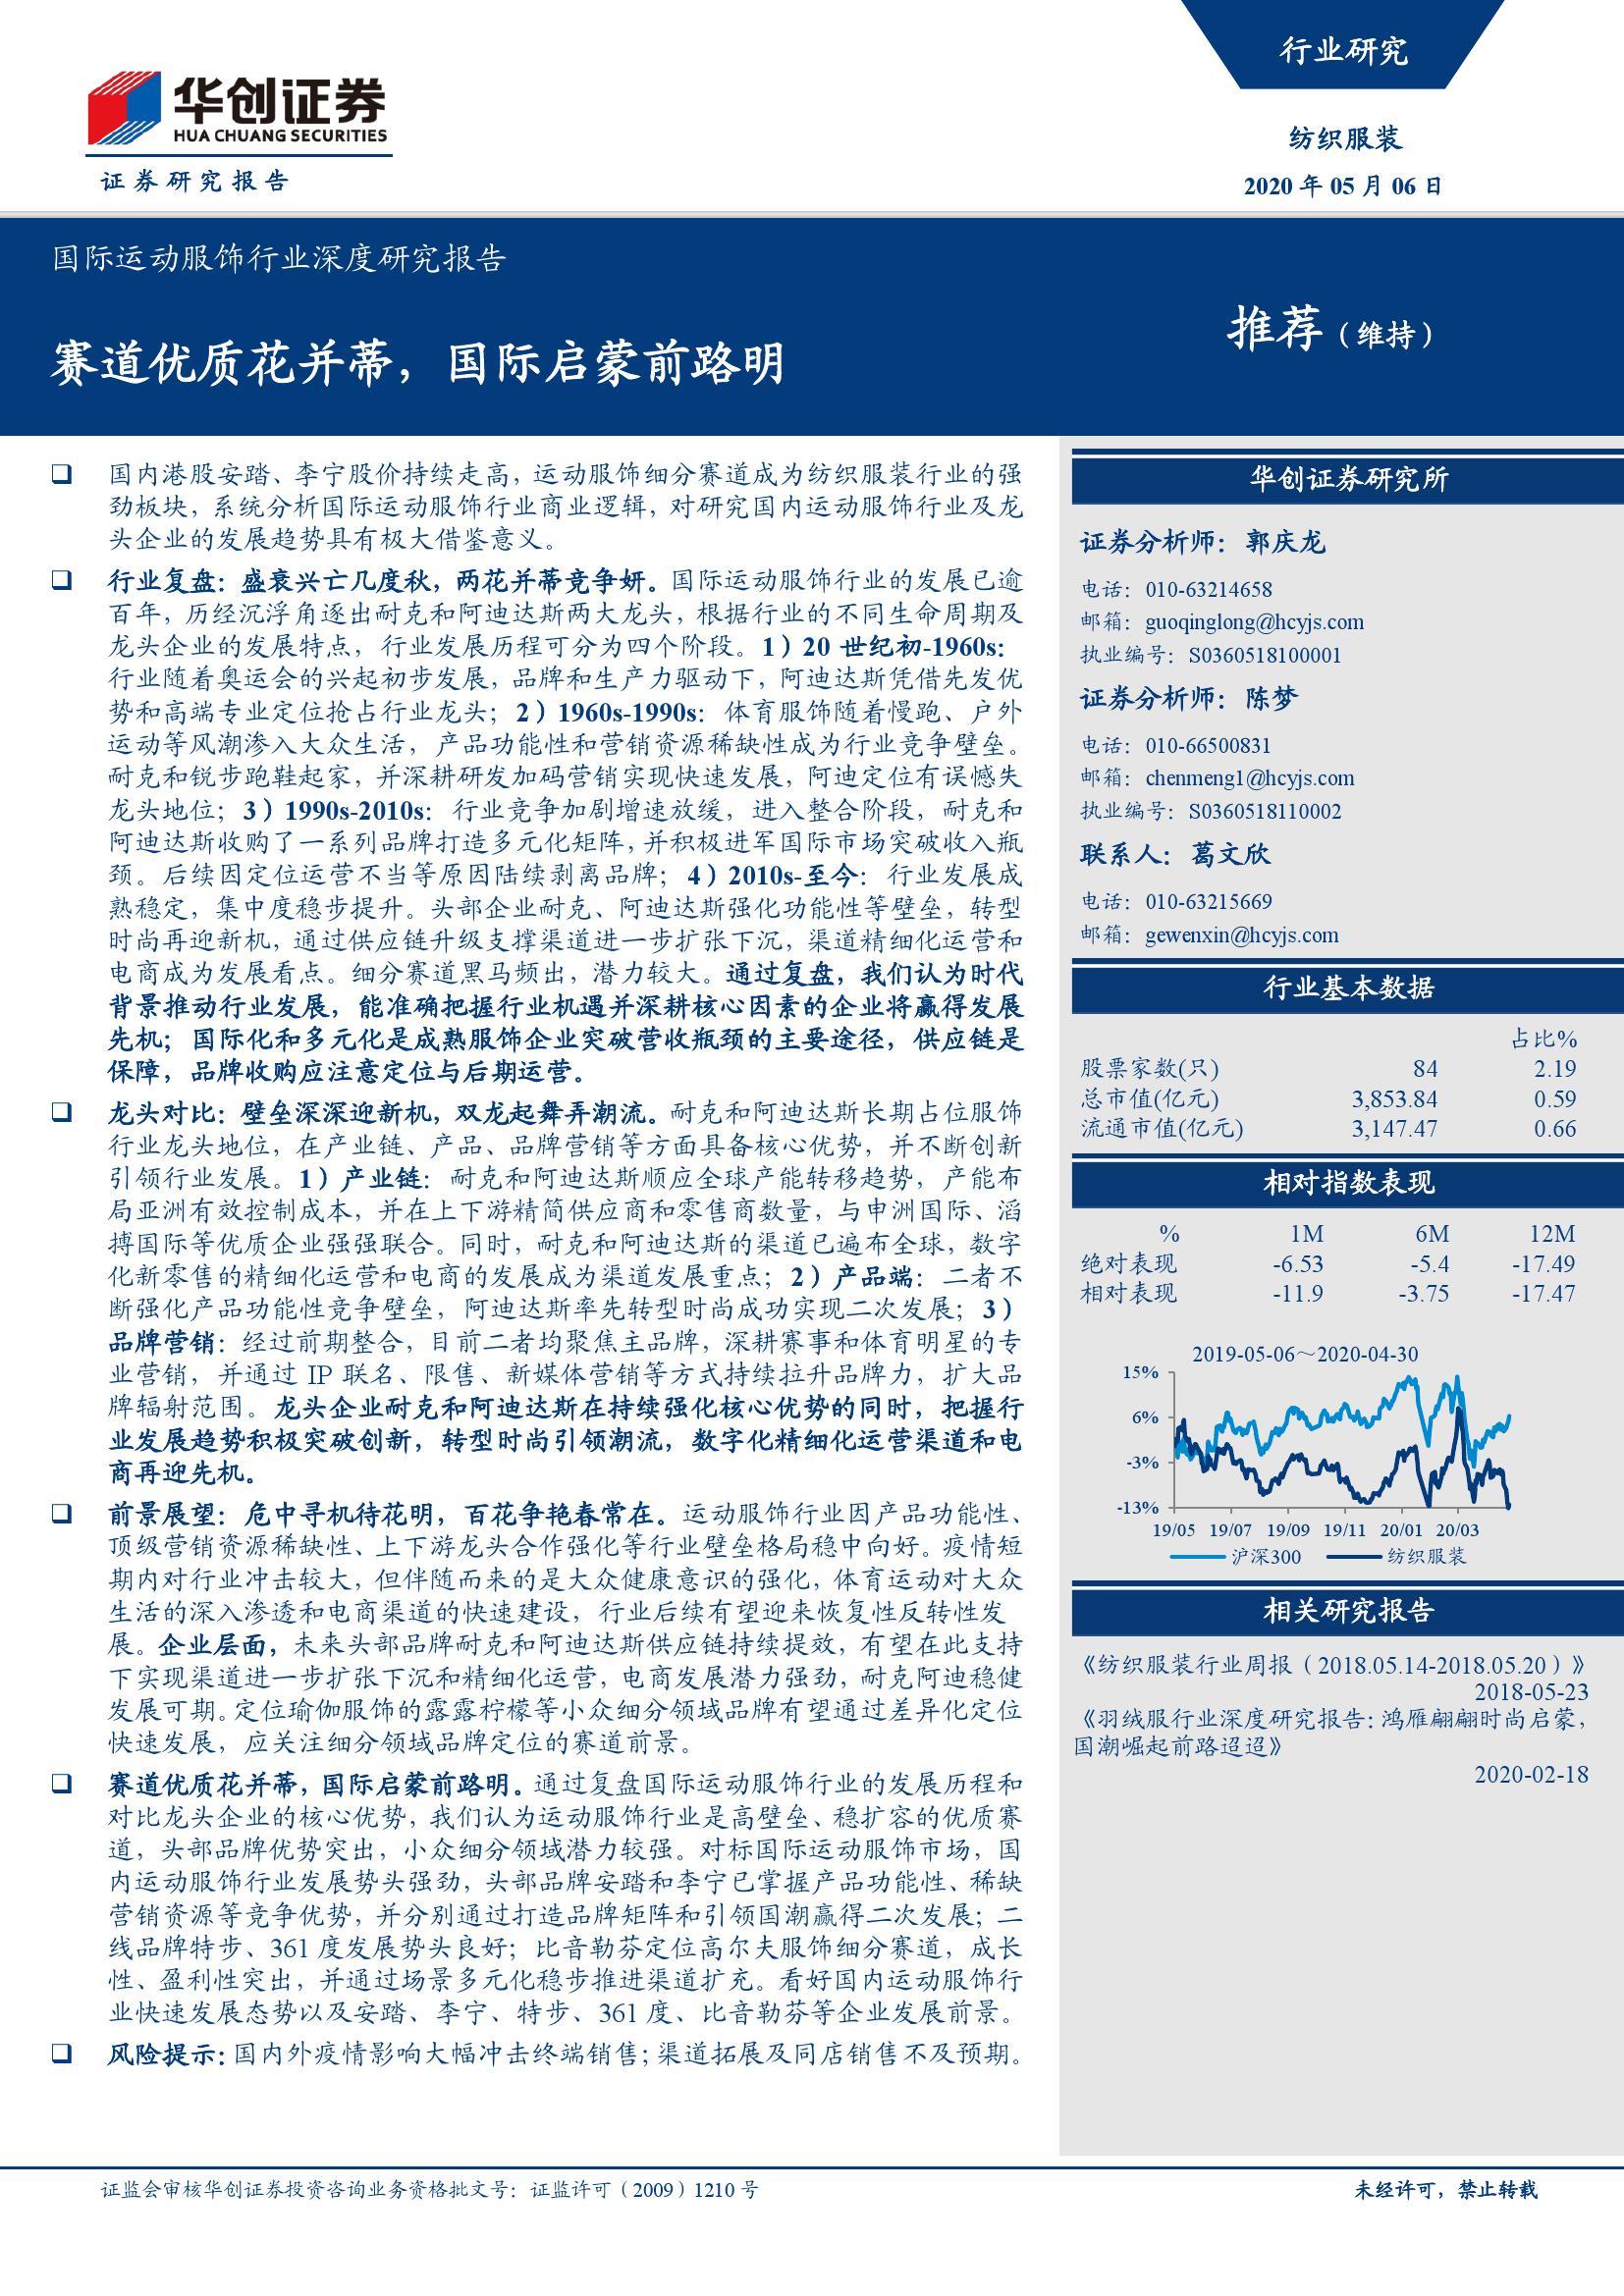 华创证券:2020年国际运动服饰行业深度研究报告